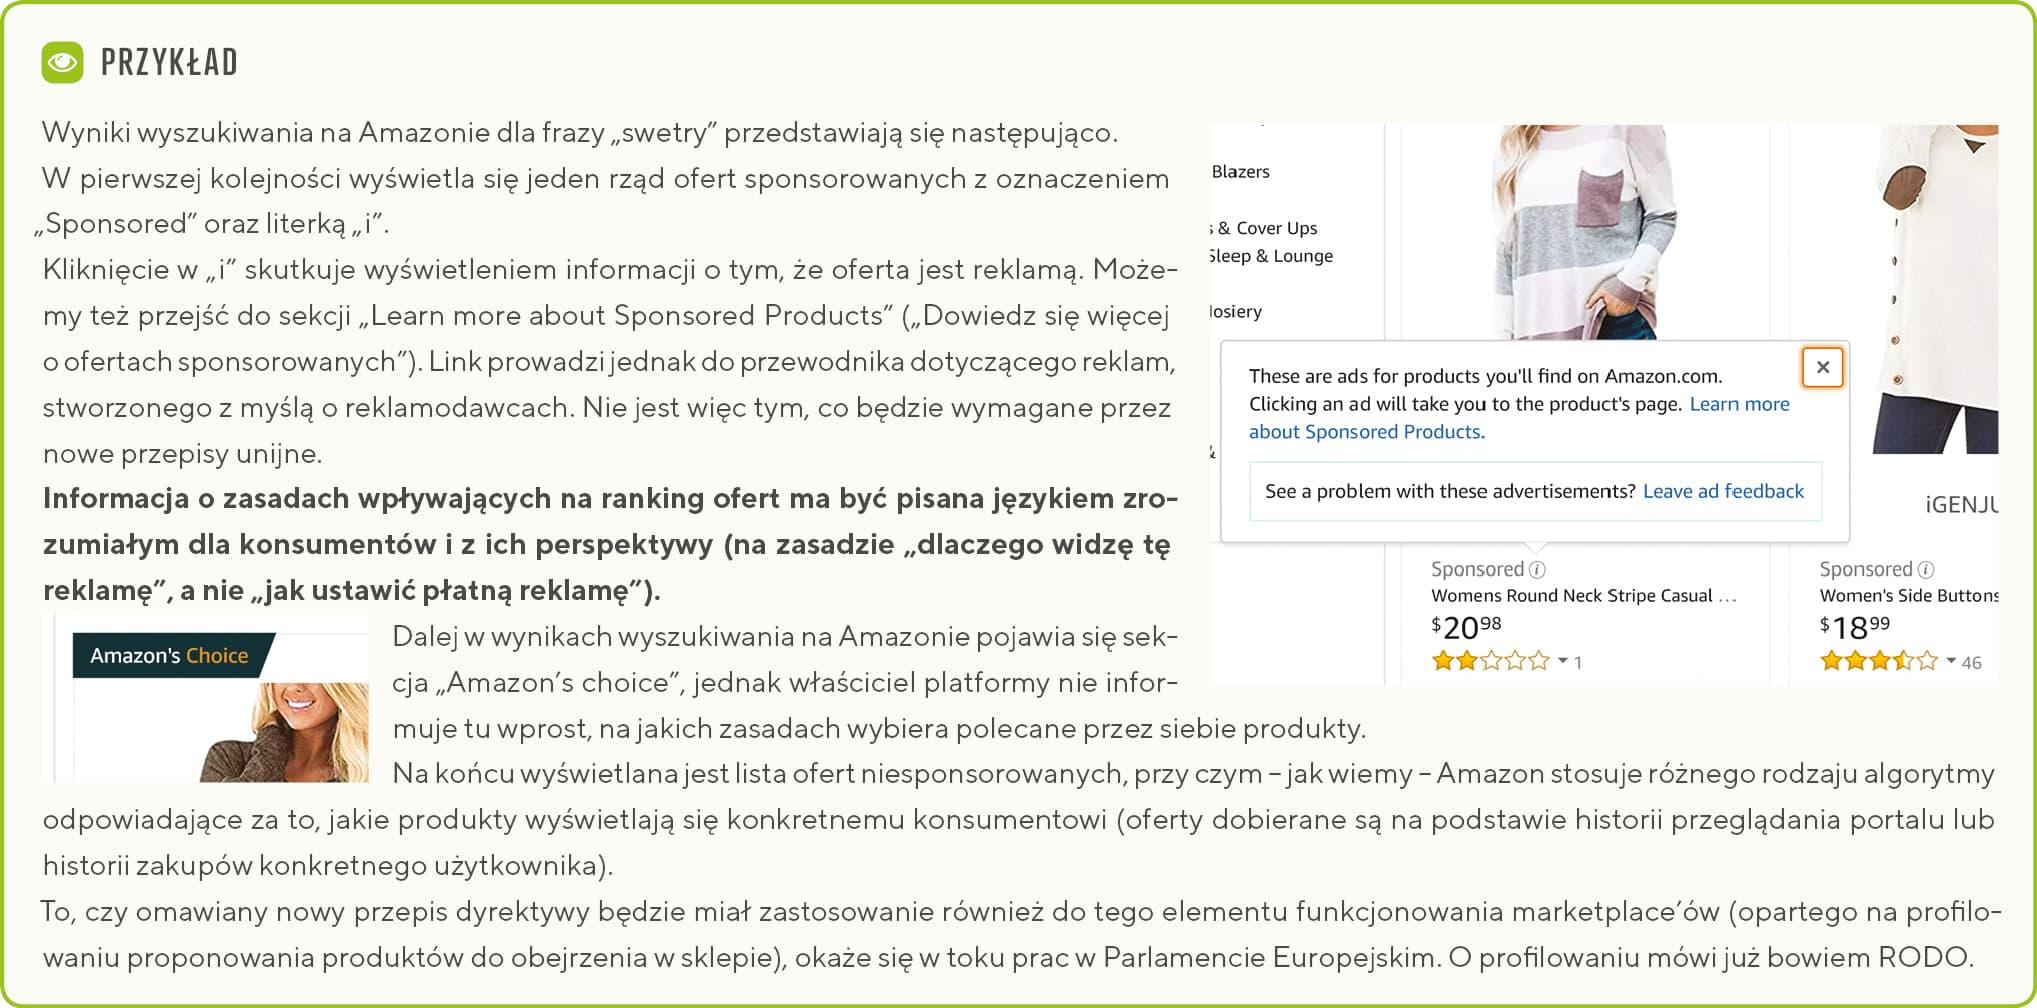 Komunikaty o płatnej reklamie w marketplace Amazon